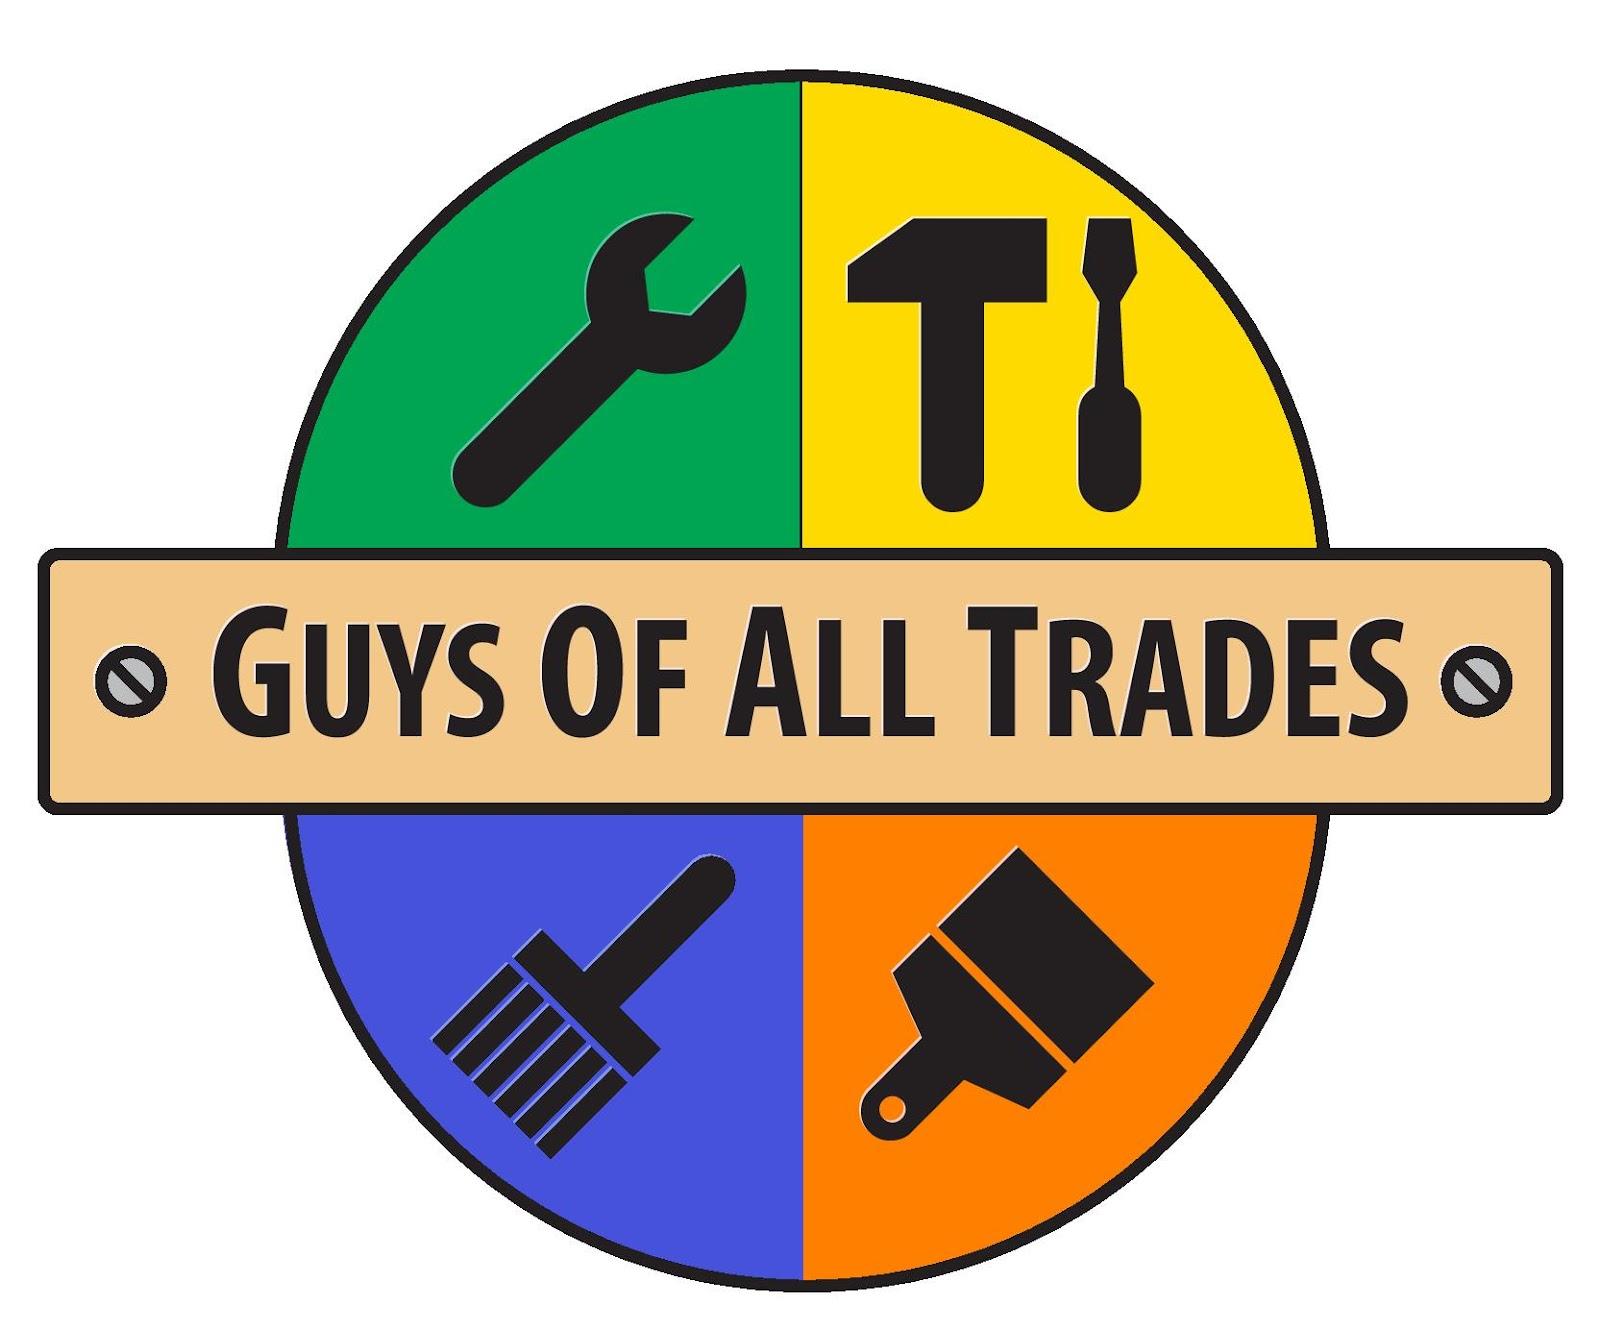 GuysOfAllTrades-Logo-2-Versions-page-001.jpg